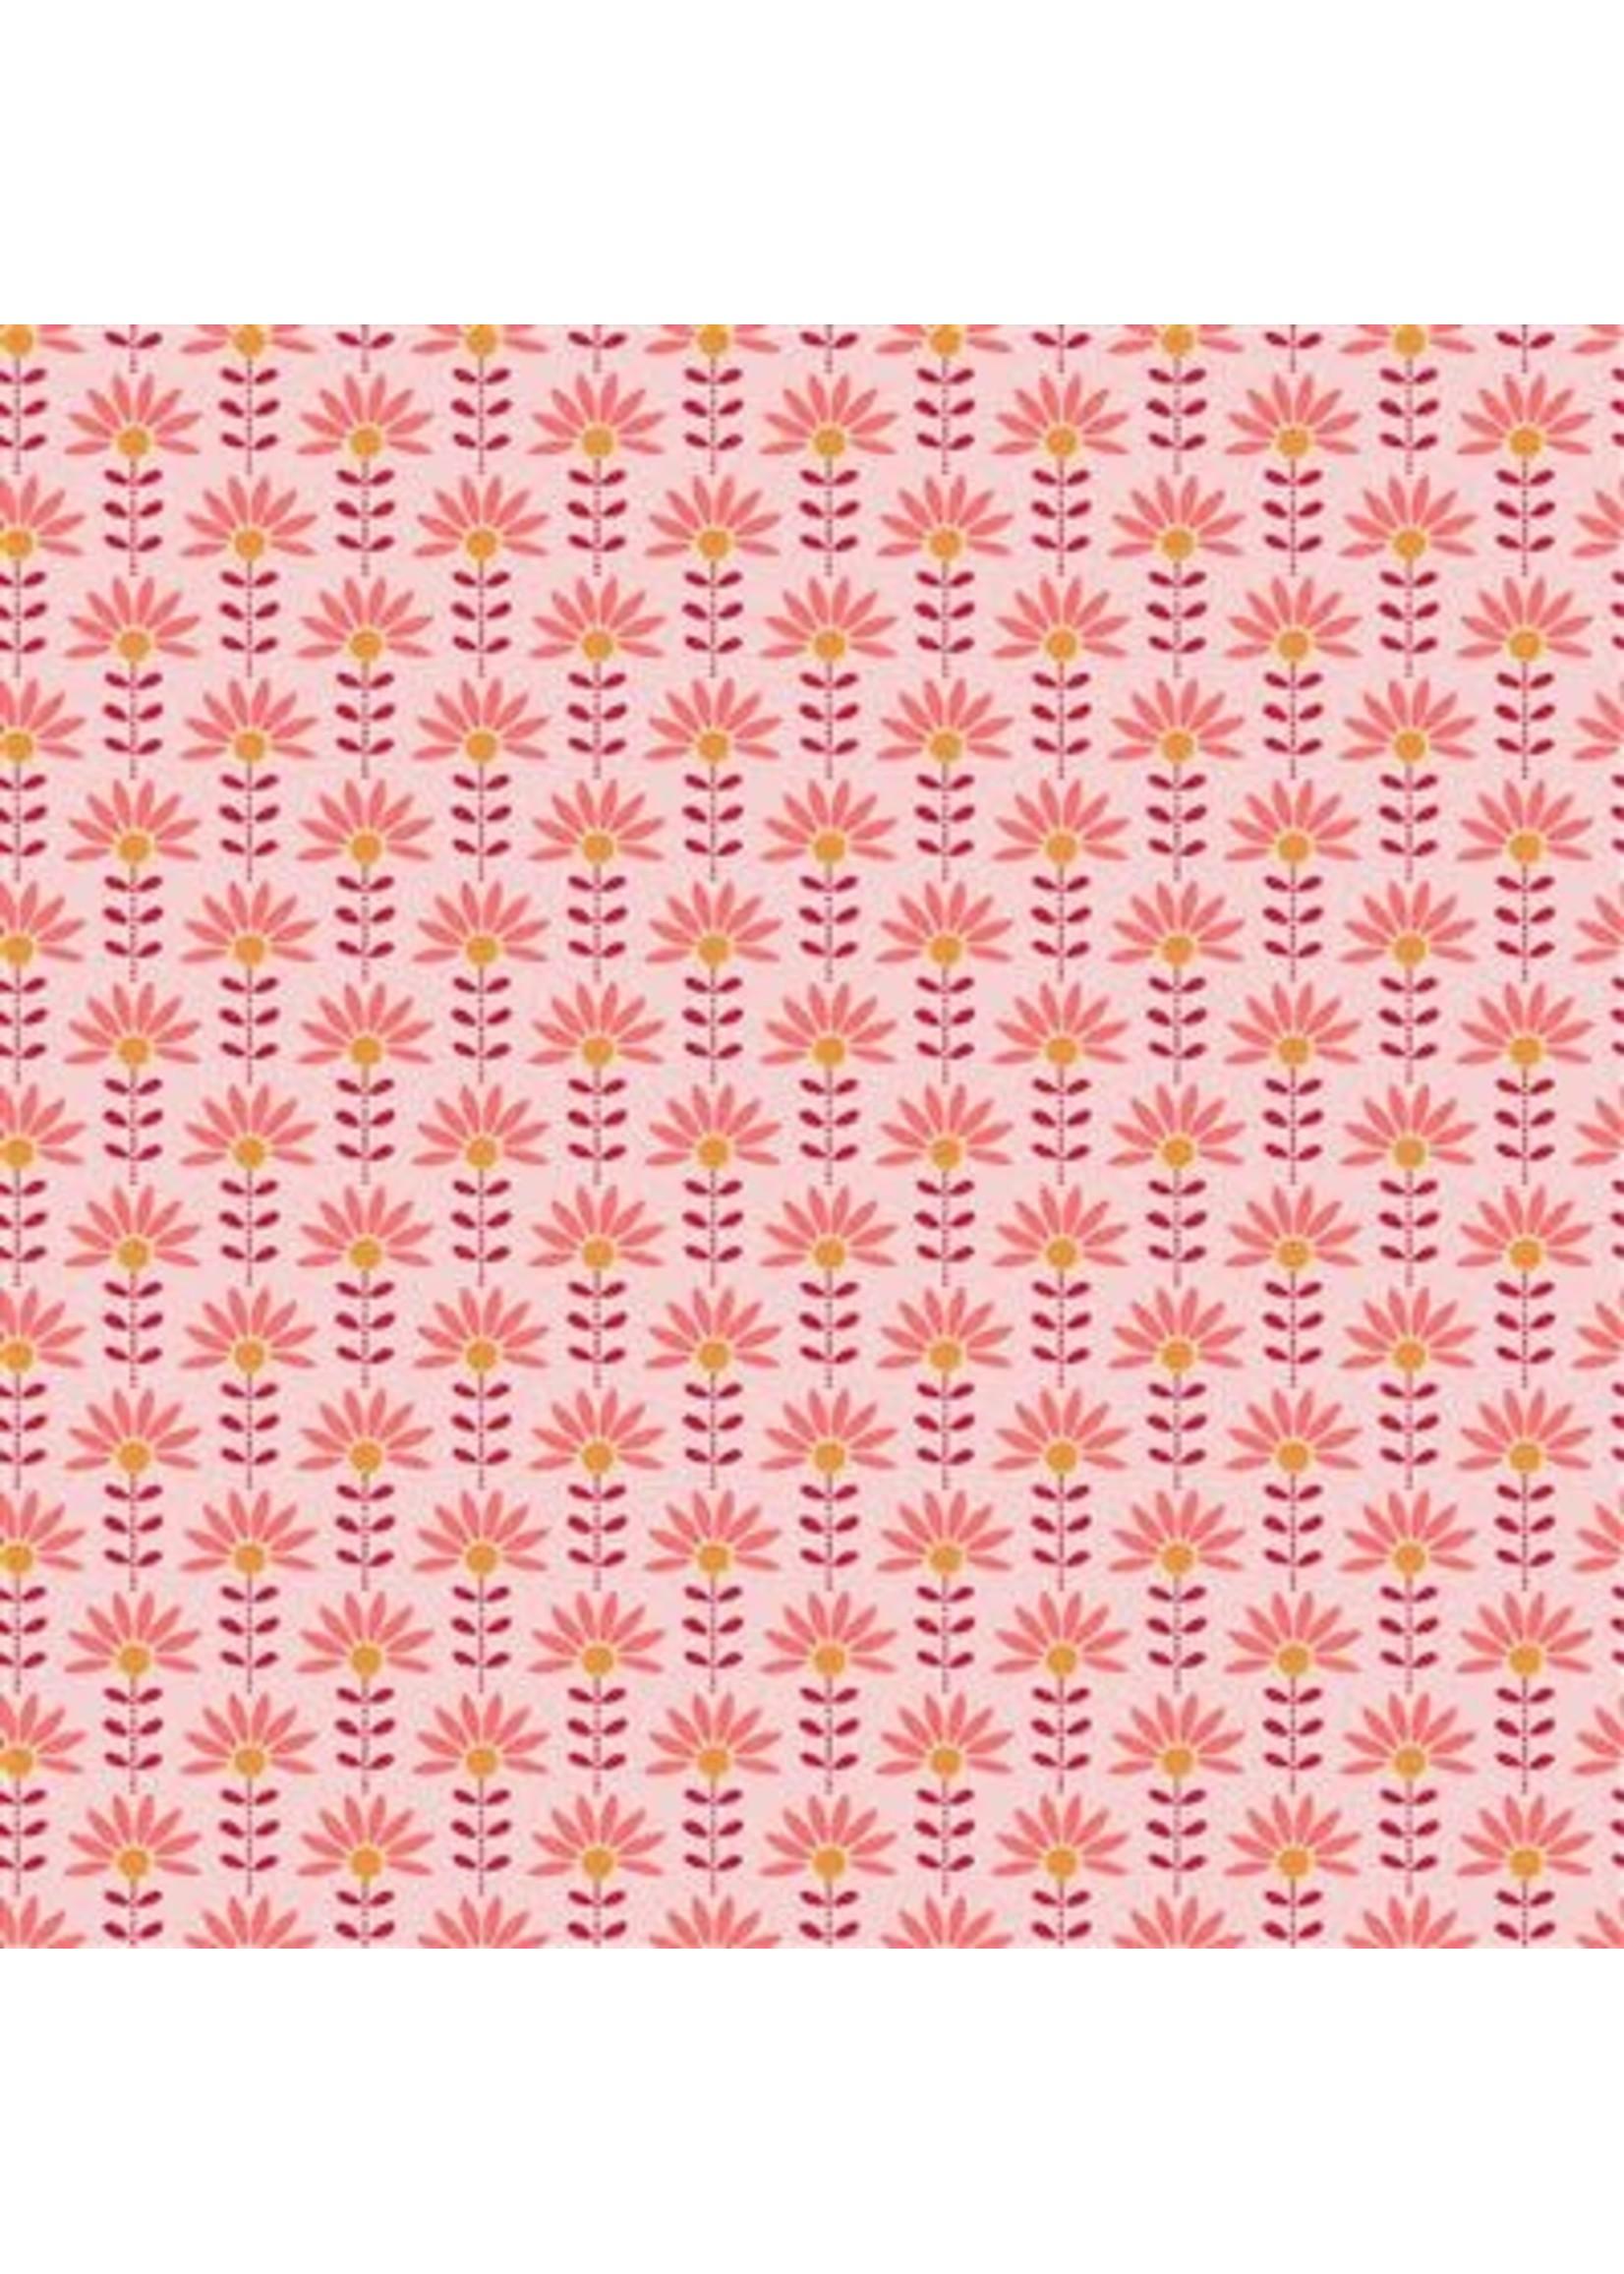 Poppy Poplin Graphic Flower Cotton